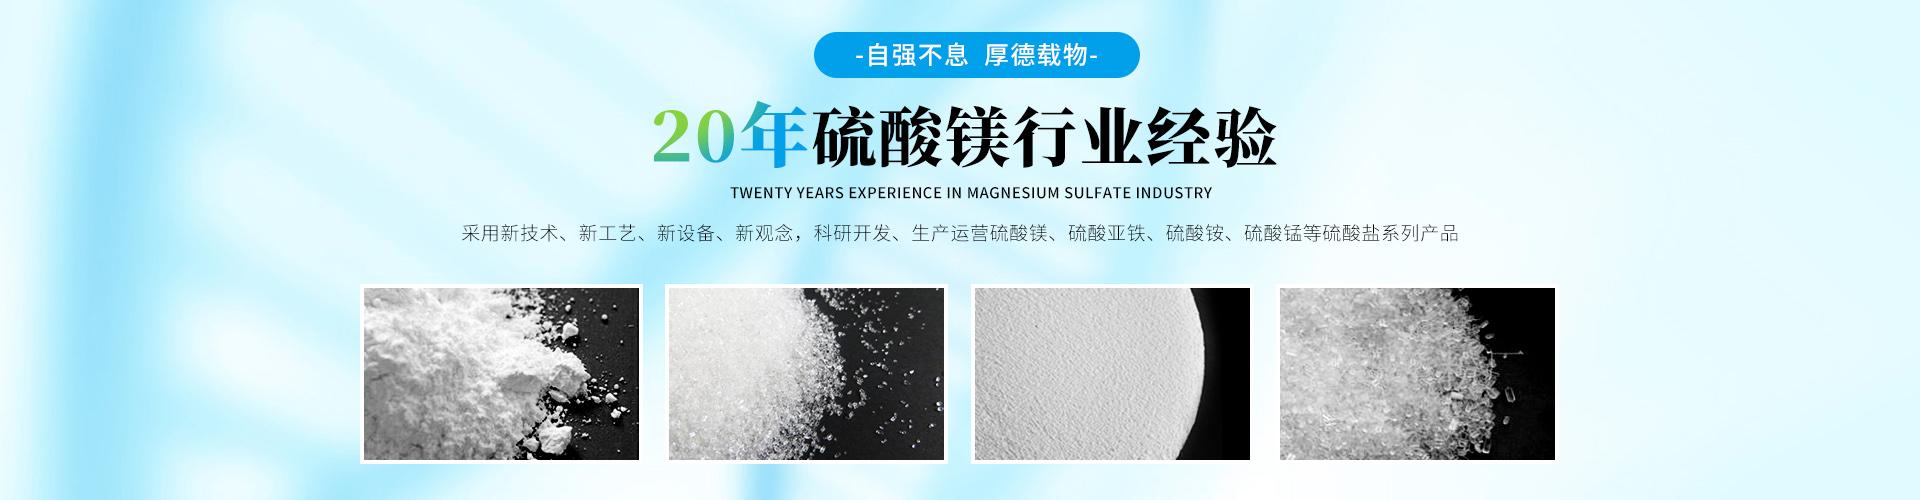 lom599乐百加官方网站